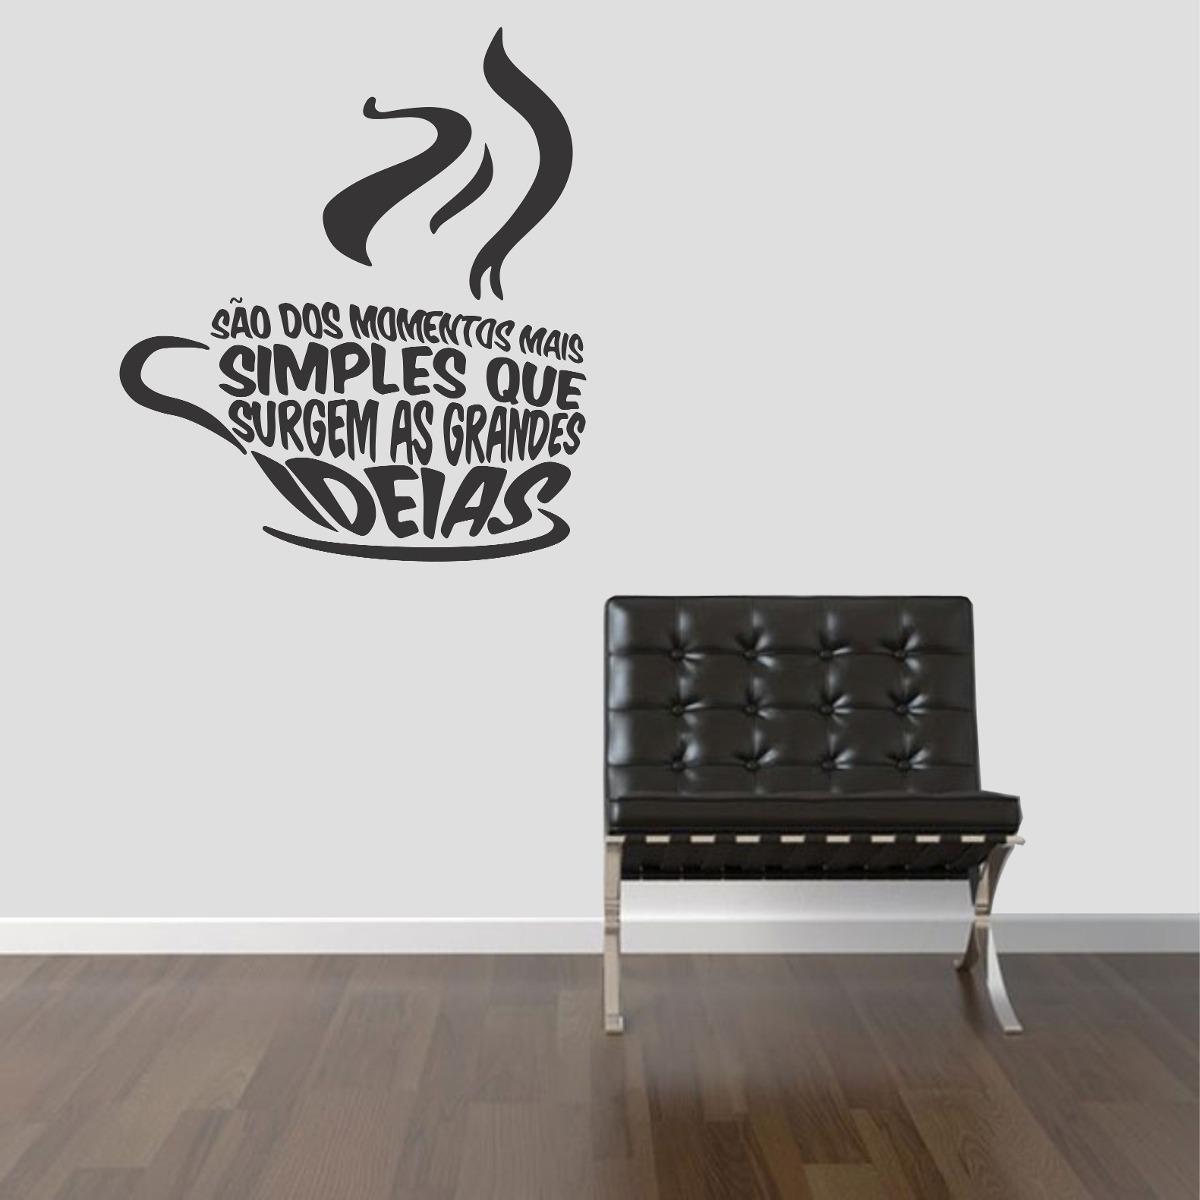 Armário Para Cozinha Em Inglês ~ Adesivo De Parede Cozinha Café Coffe Frases Ideias Palavras R$ 24,99 em Mercado Livre